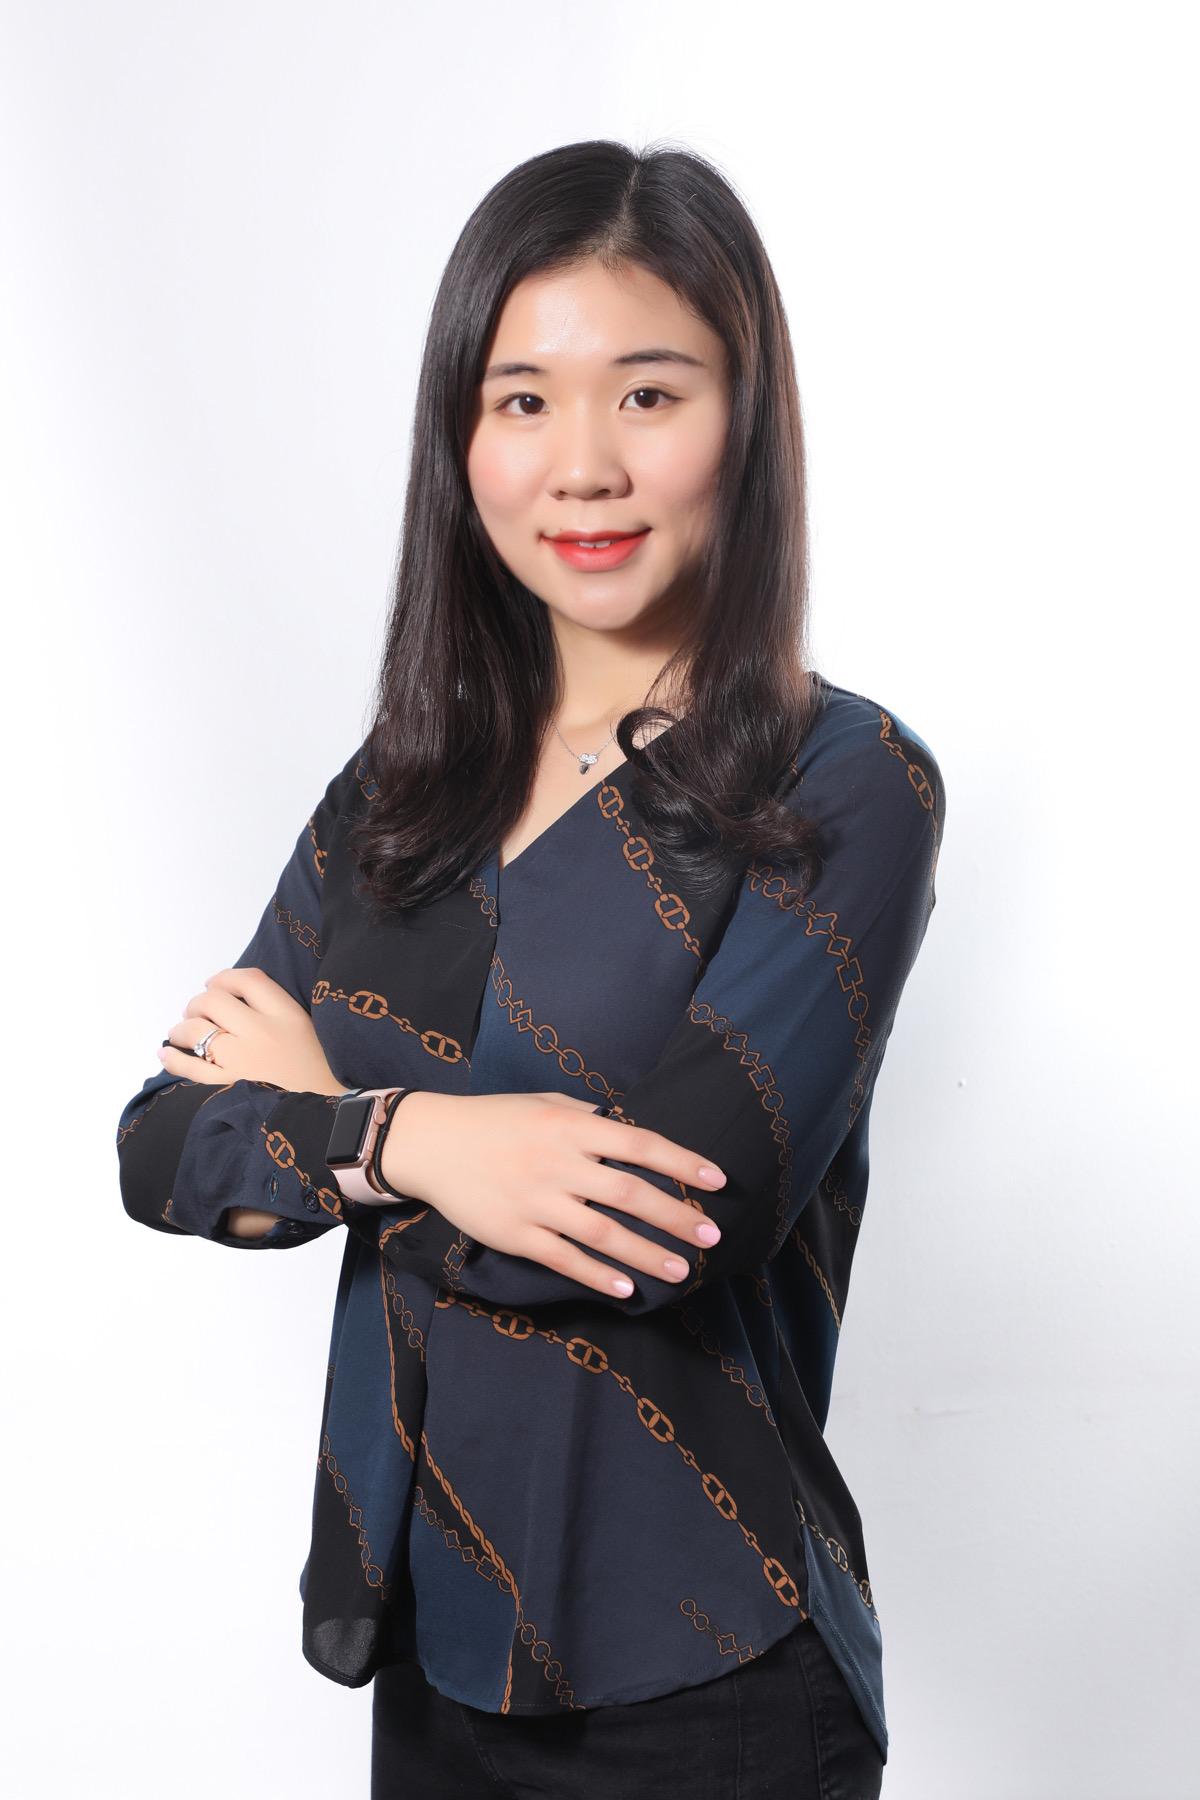 Yunmei Zhang